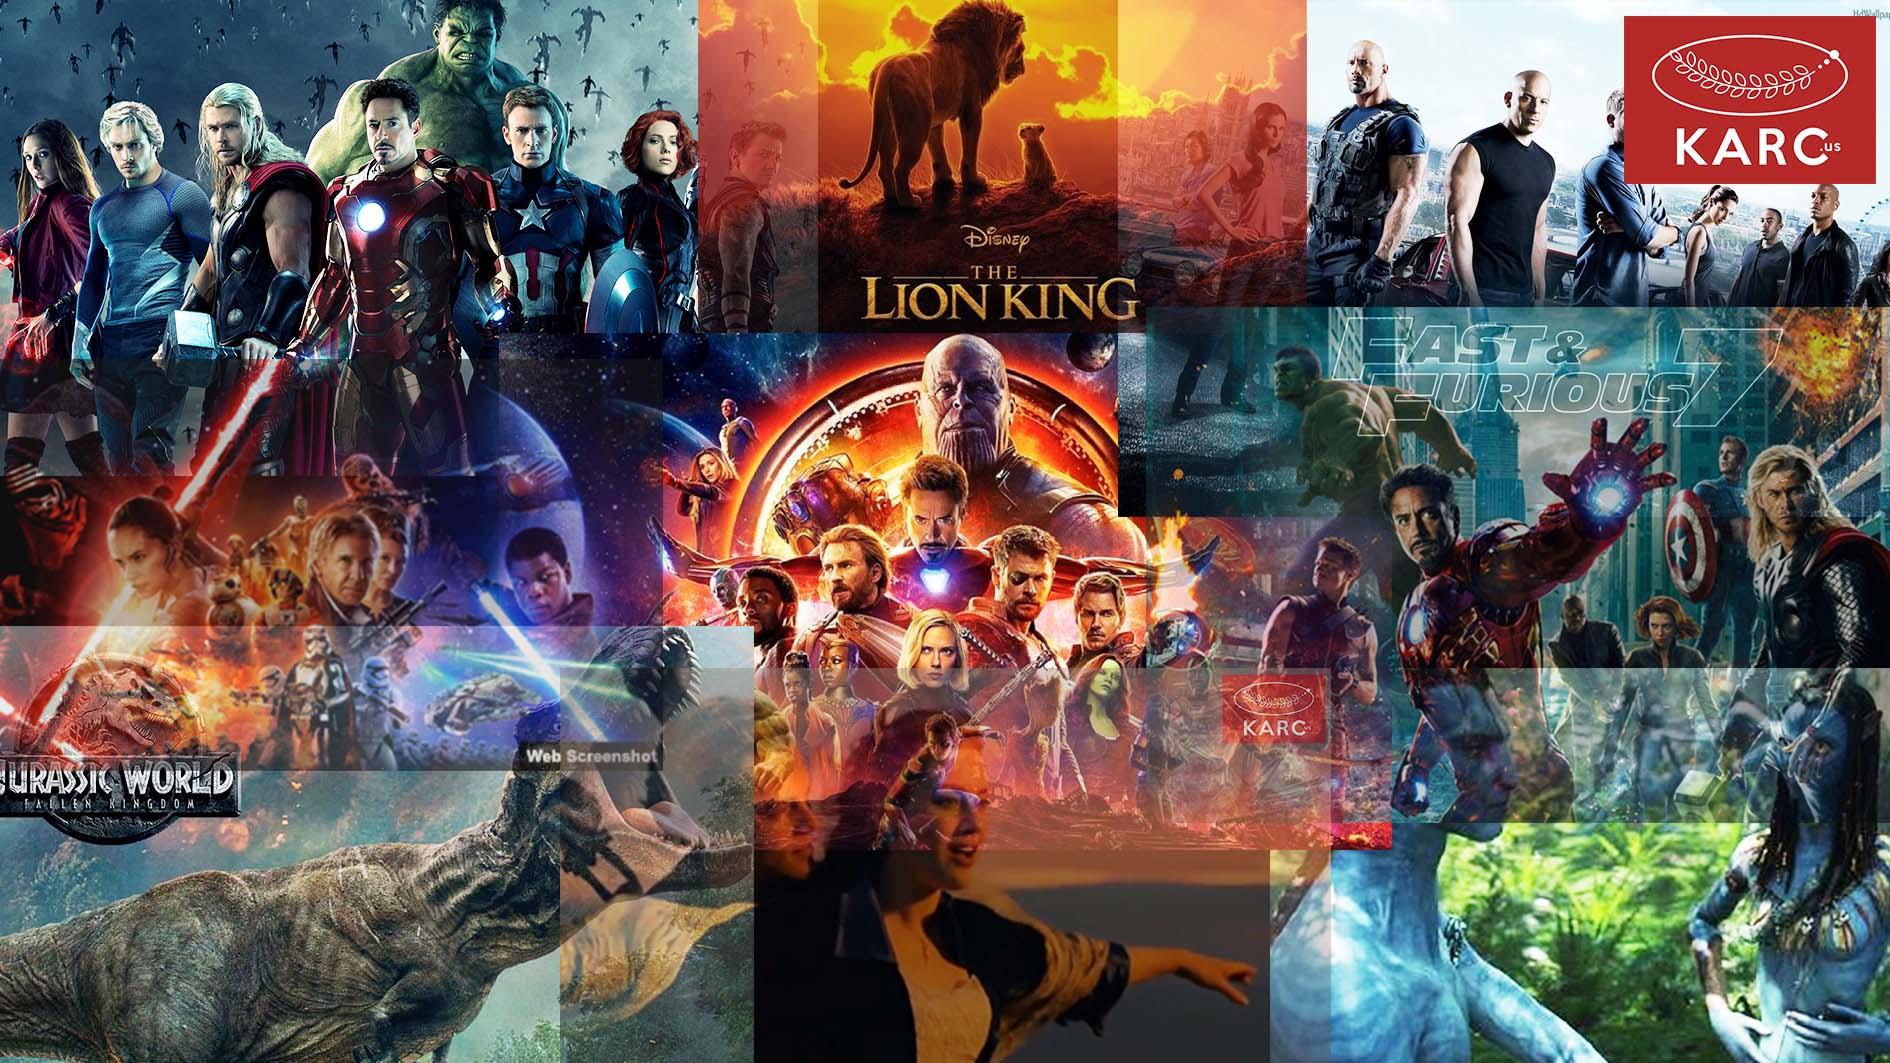 10 อันดับหนังที่ทำรายได้สูงสุด1 karc.us , วงการภาพยนต์ , แนะนำหนังดี , แนะนำหนังน่าดูหนังน่าดู , รีวิวหนังใหม่ , ก่อนตายต้องได้ดู! , ข่าวดารา , ข่าวเด่นประเด็นร้อน , รีวิวหนังใหม่ , หนังดังในอดีต